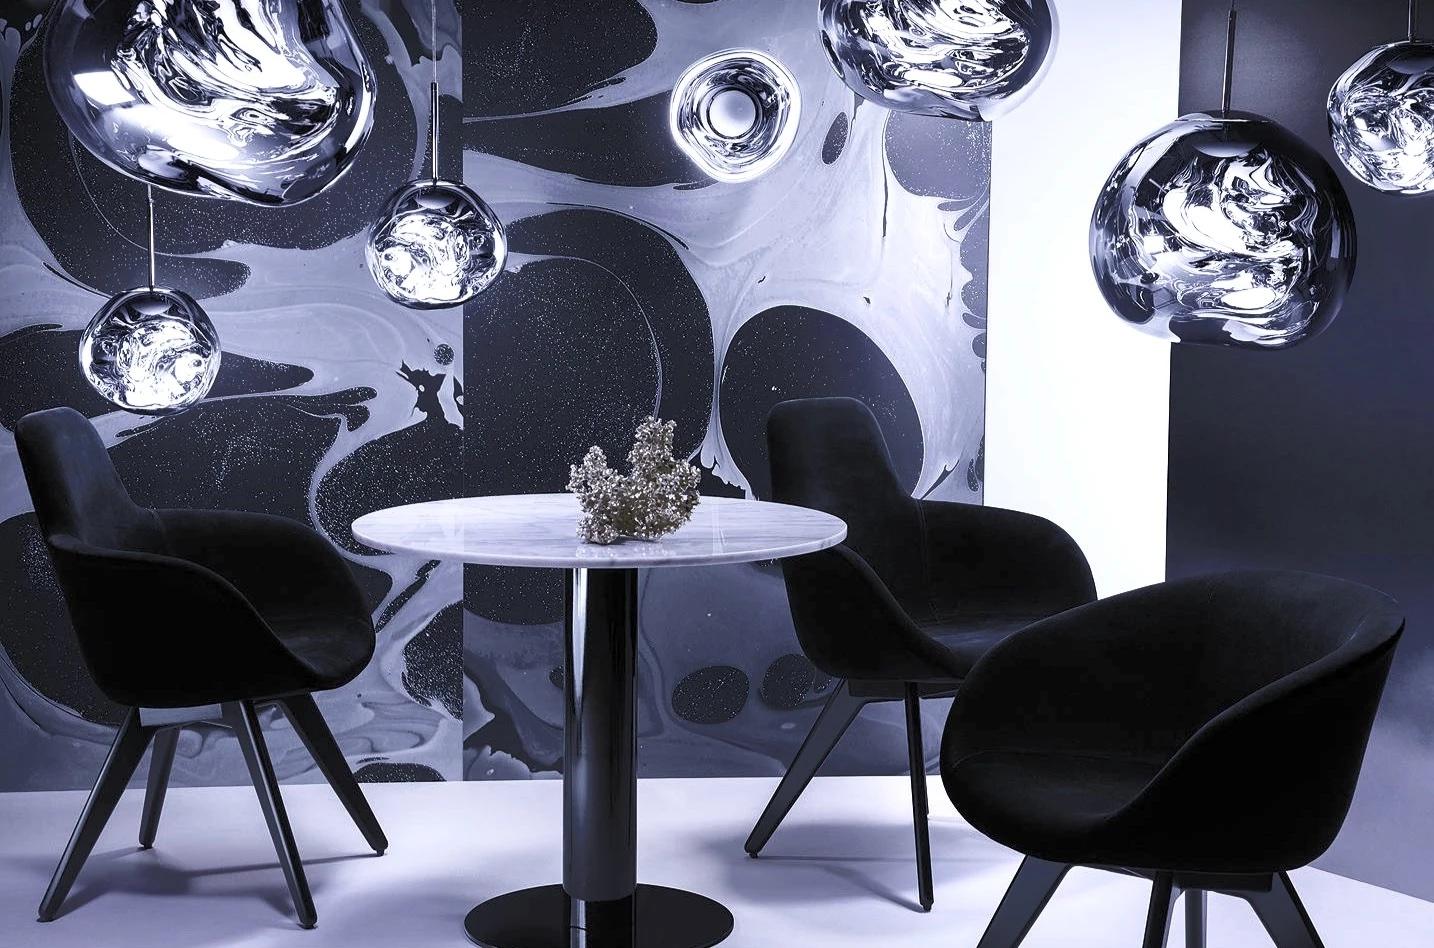 Interior Designers: The Top 10 Designers in London You Need to Know interior designers Interior Designers: The Top 10 Designers in London You Need to Know a27d24 3875a9afc7a8499388accb62fbb56e63 mv2 co  pia